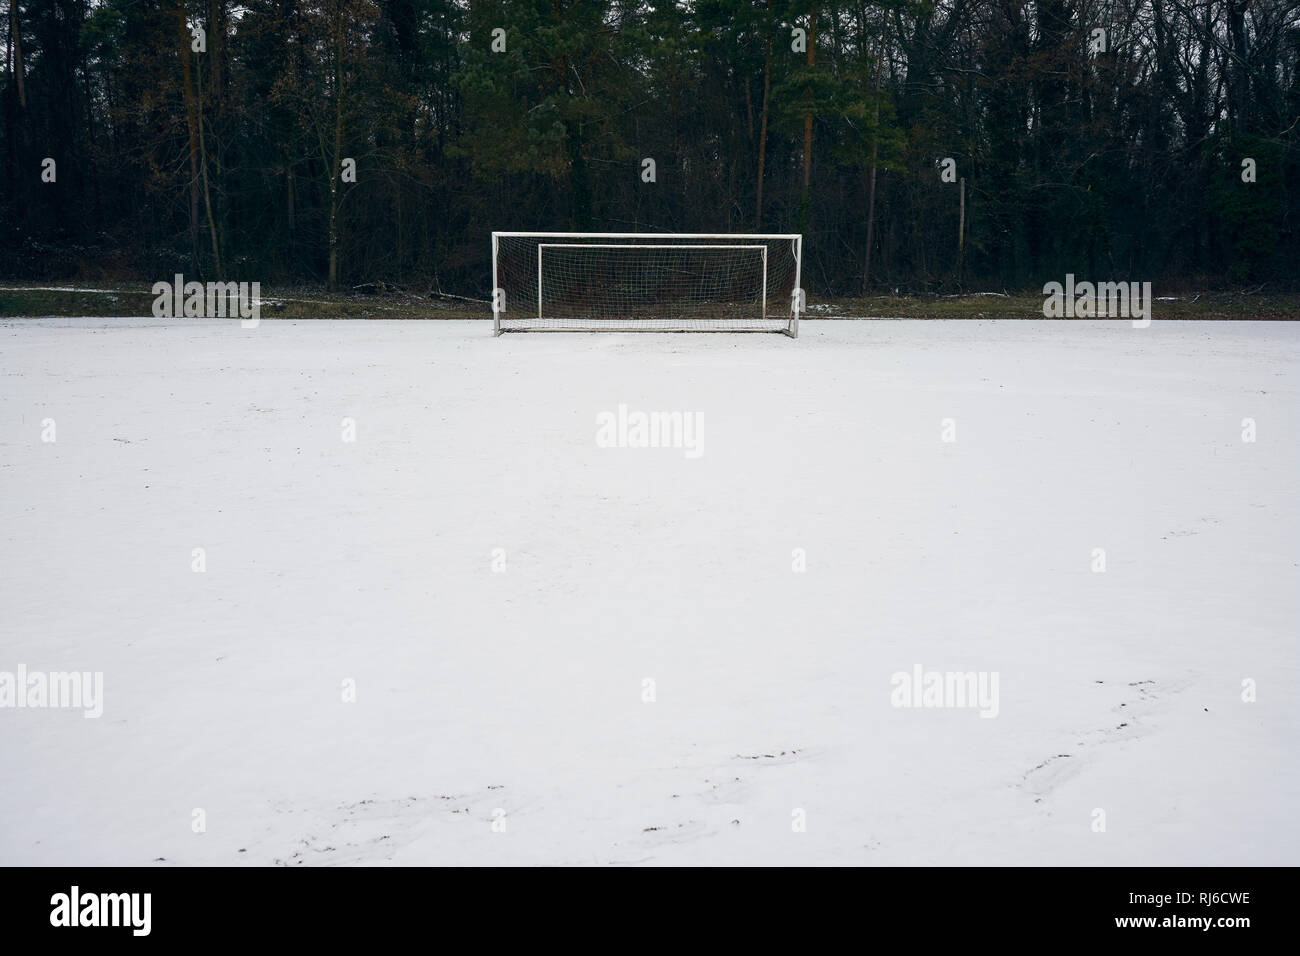 Fußballtor im Winter an einem Waldrand, Spielfeld, Schnee - Stock Image